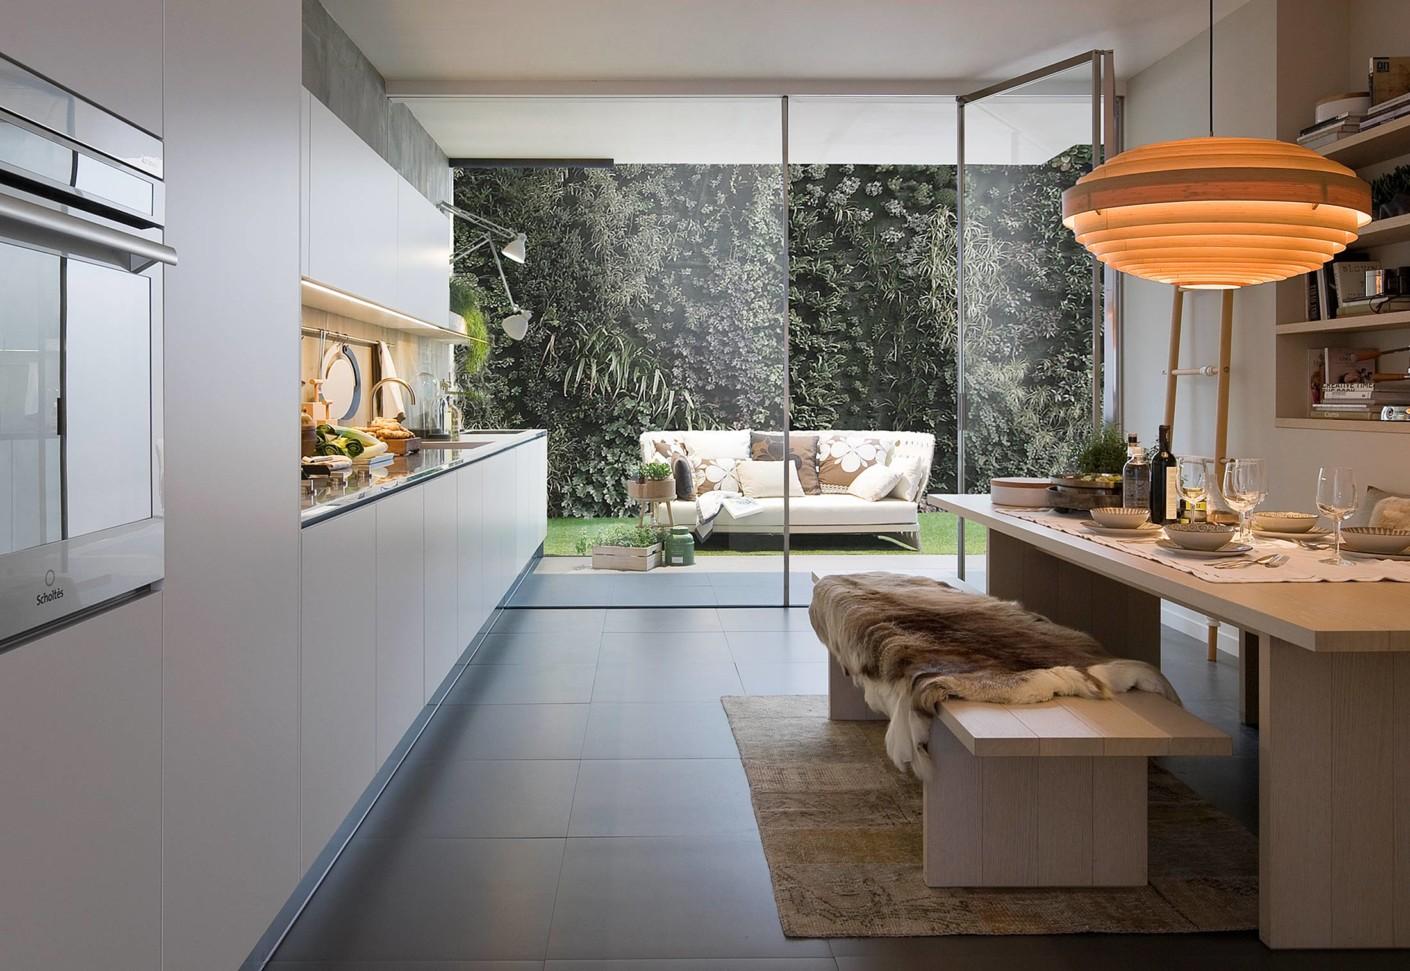 Gamma Satin Laminate Küche Von Arclinea | Stylepark, Kuchen Dekoo